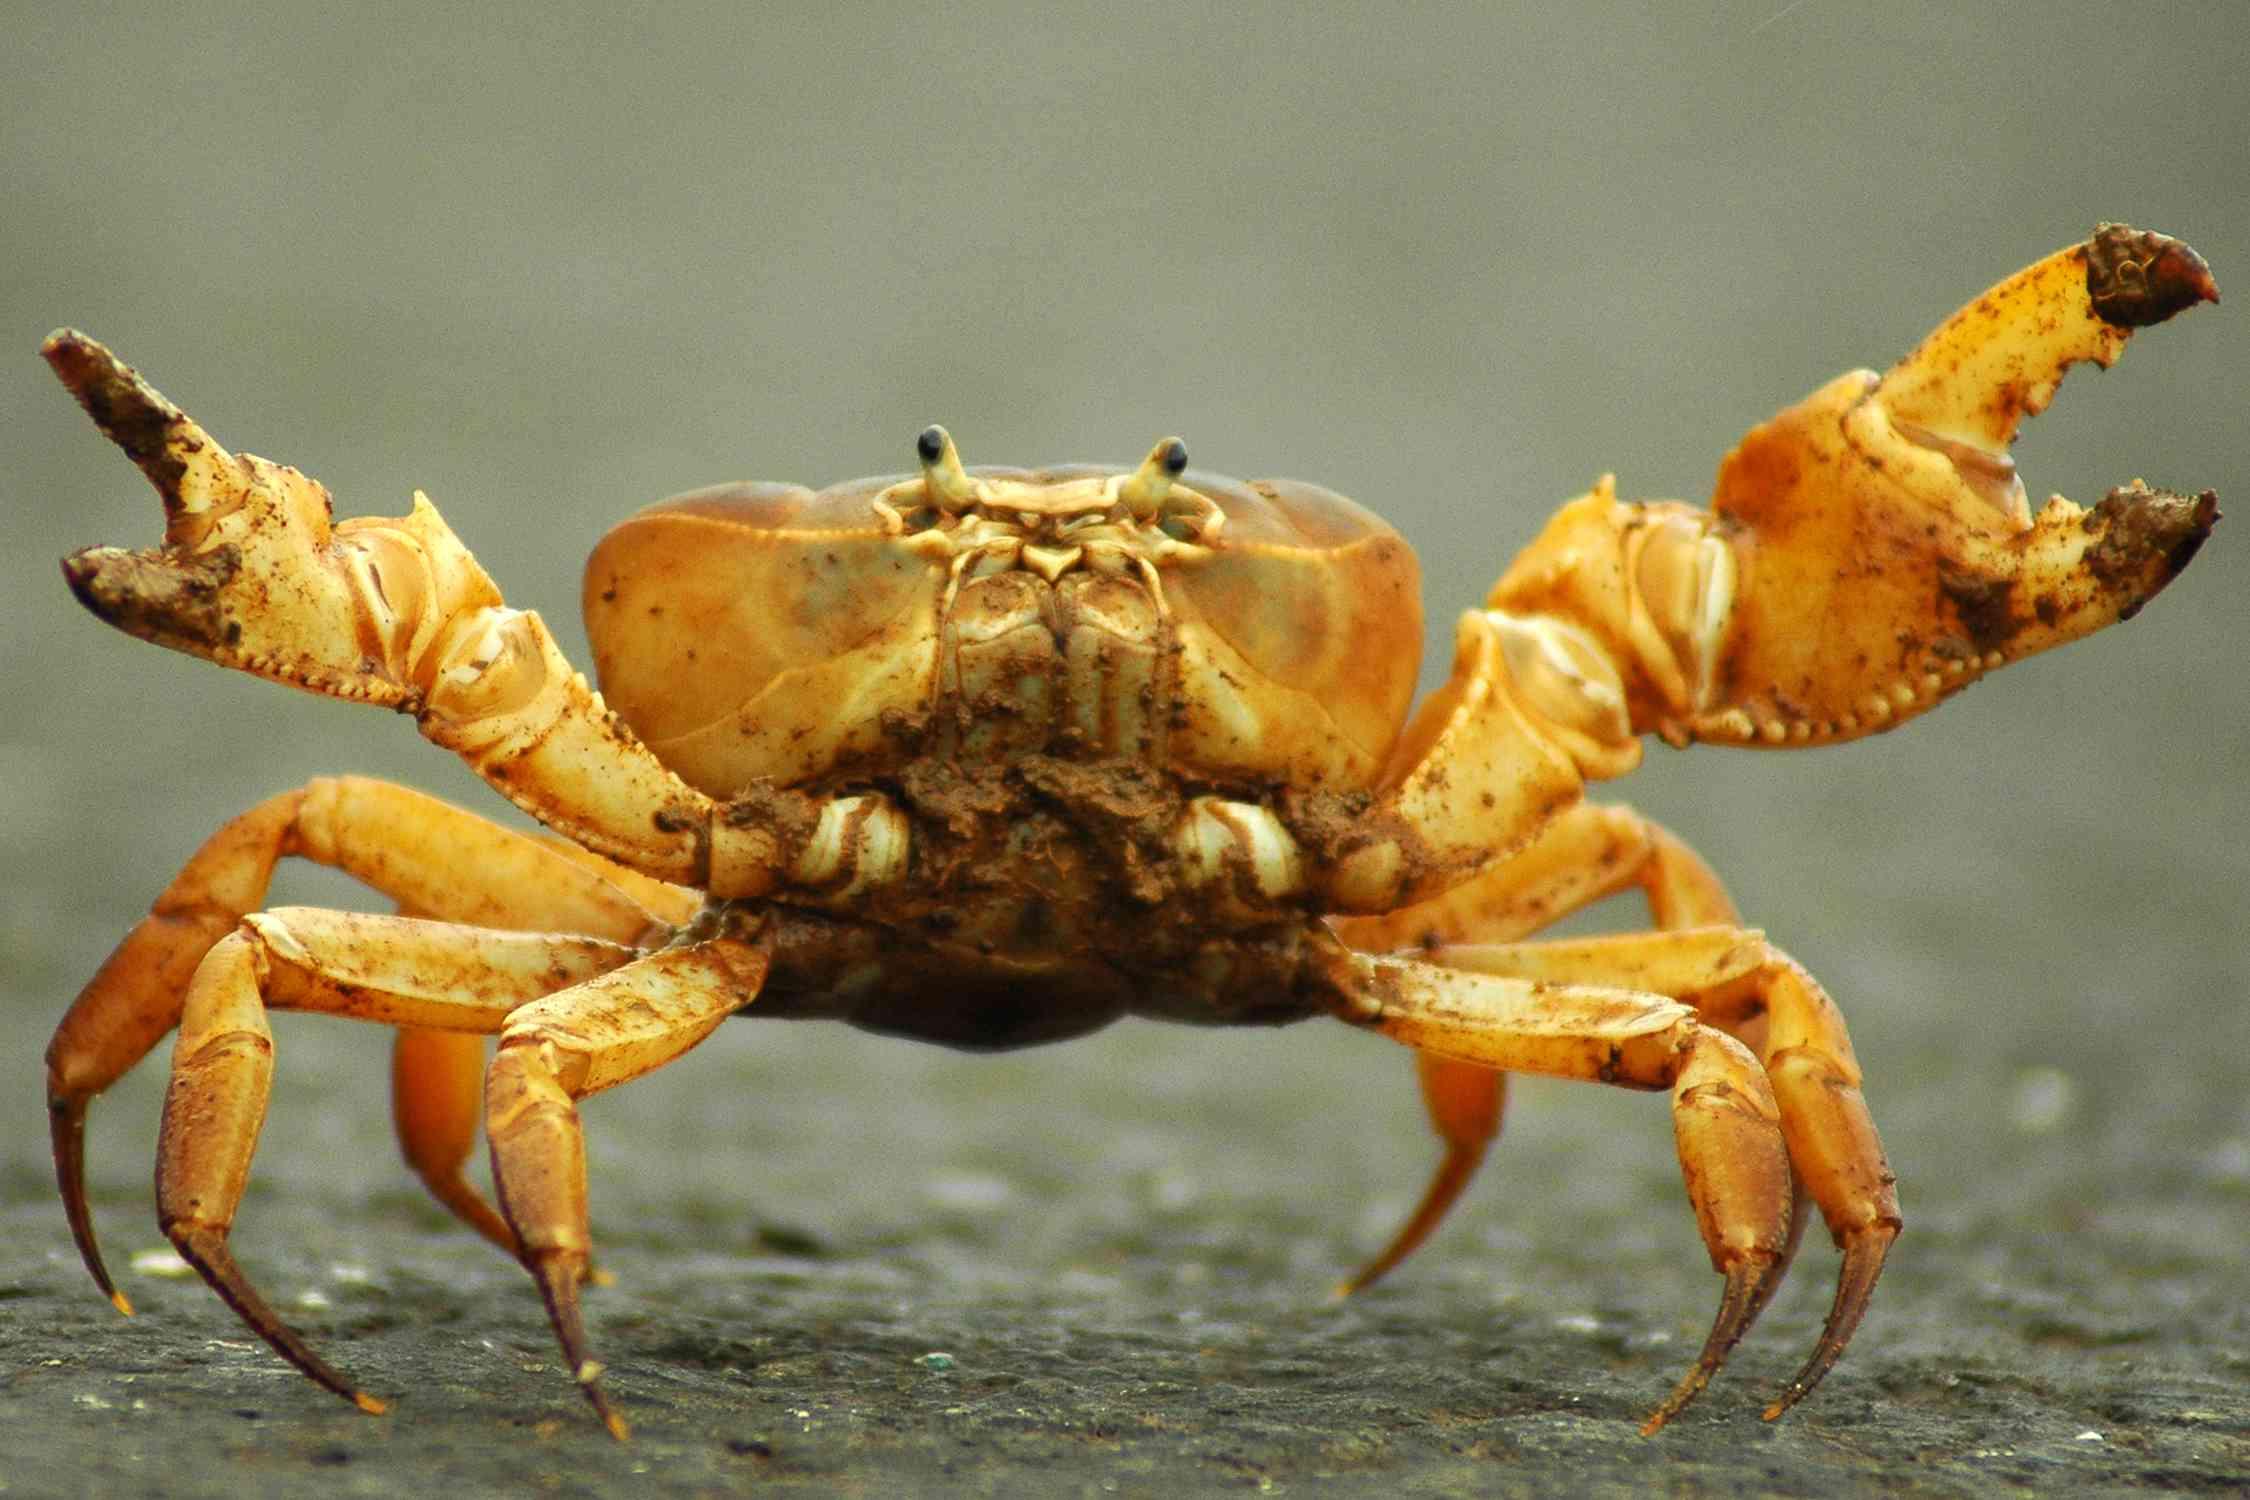 12 Pictures of Invertebrates